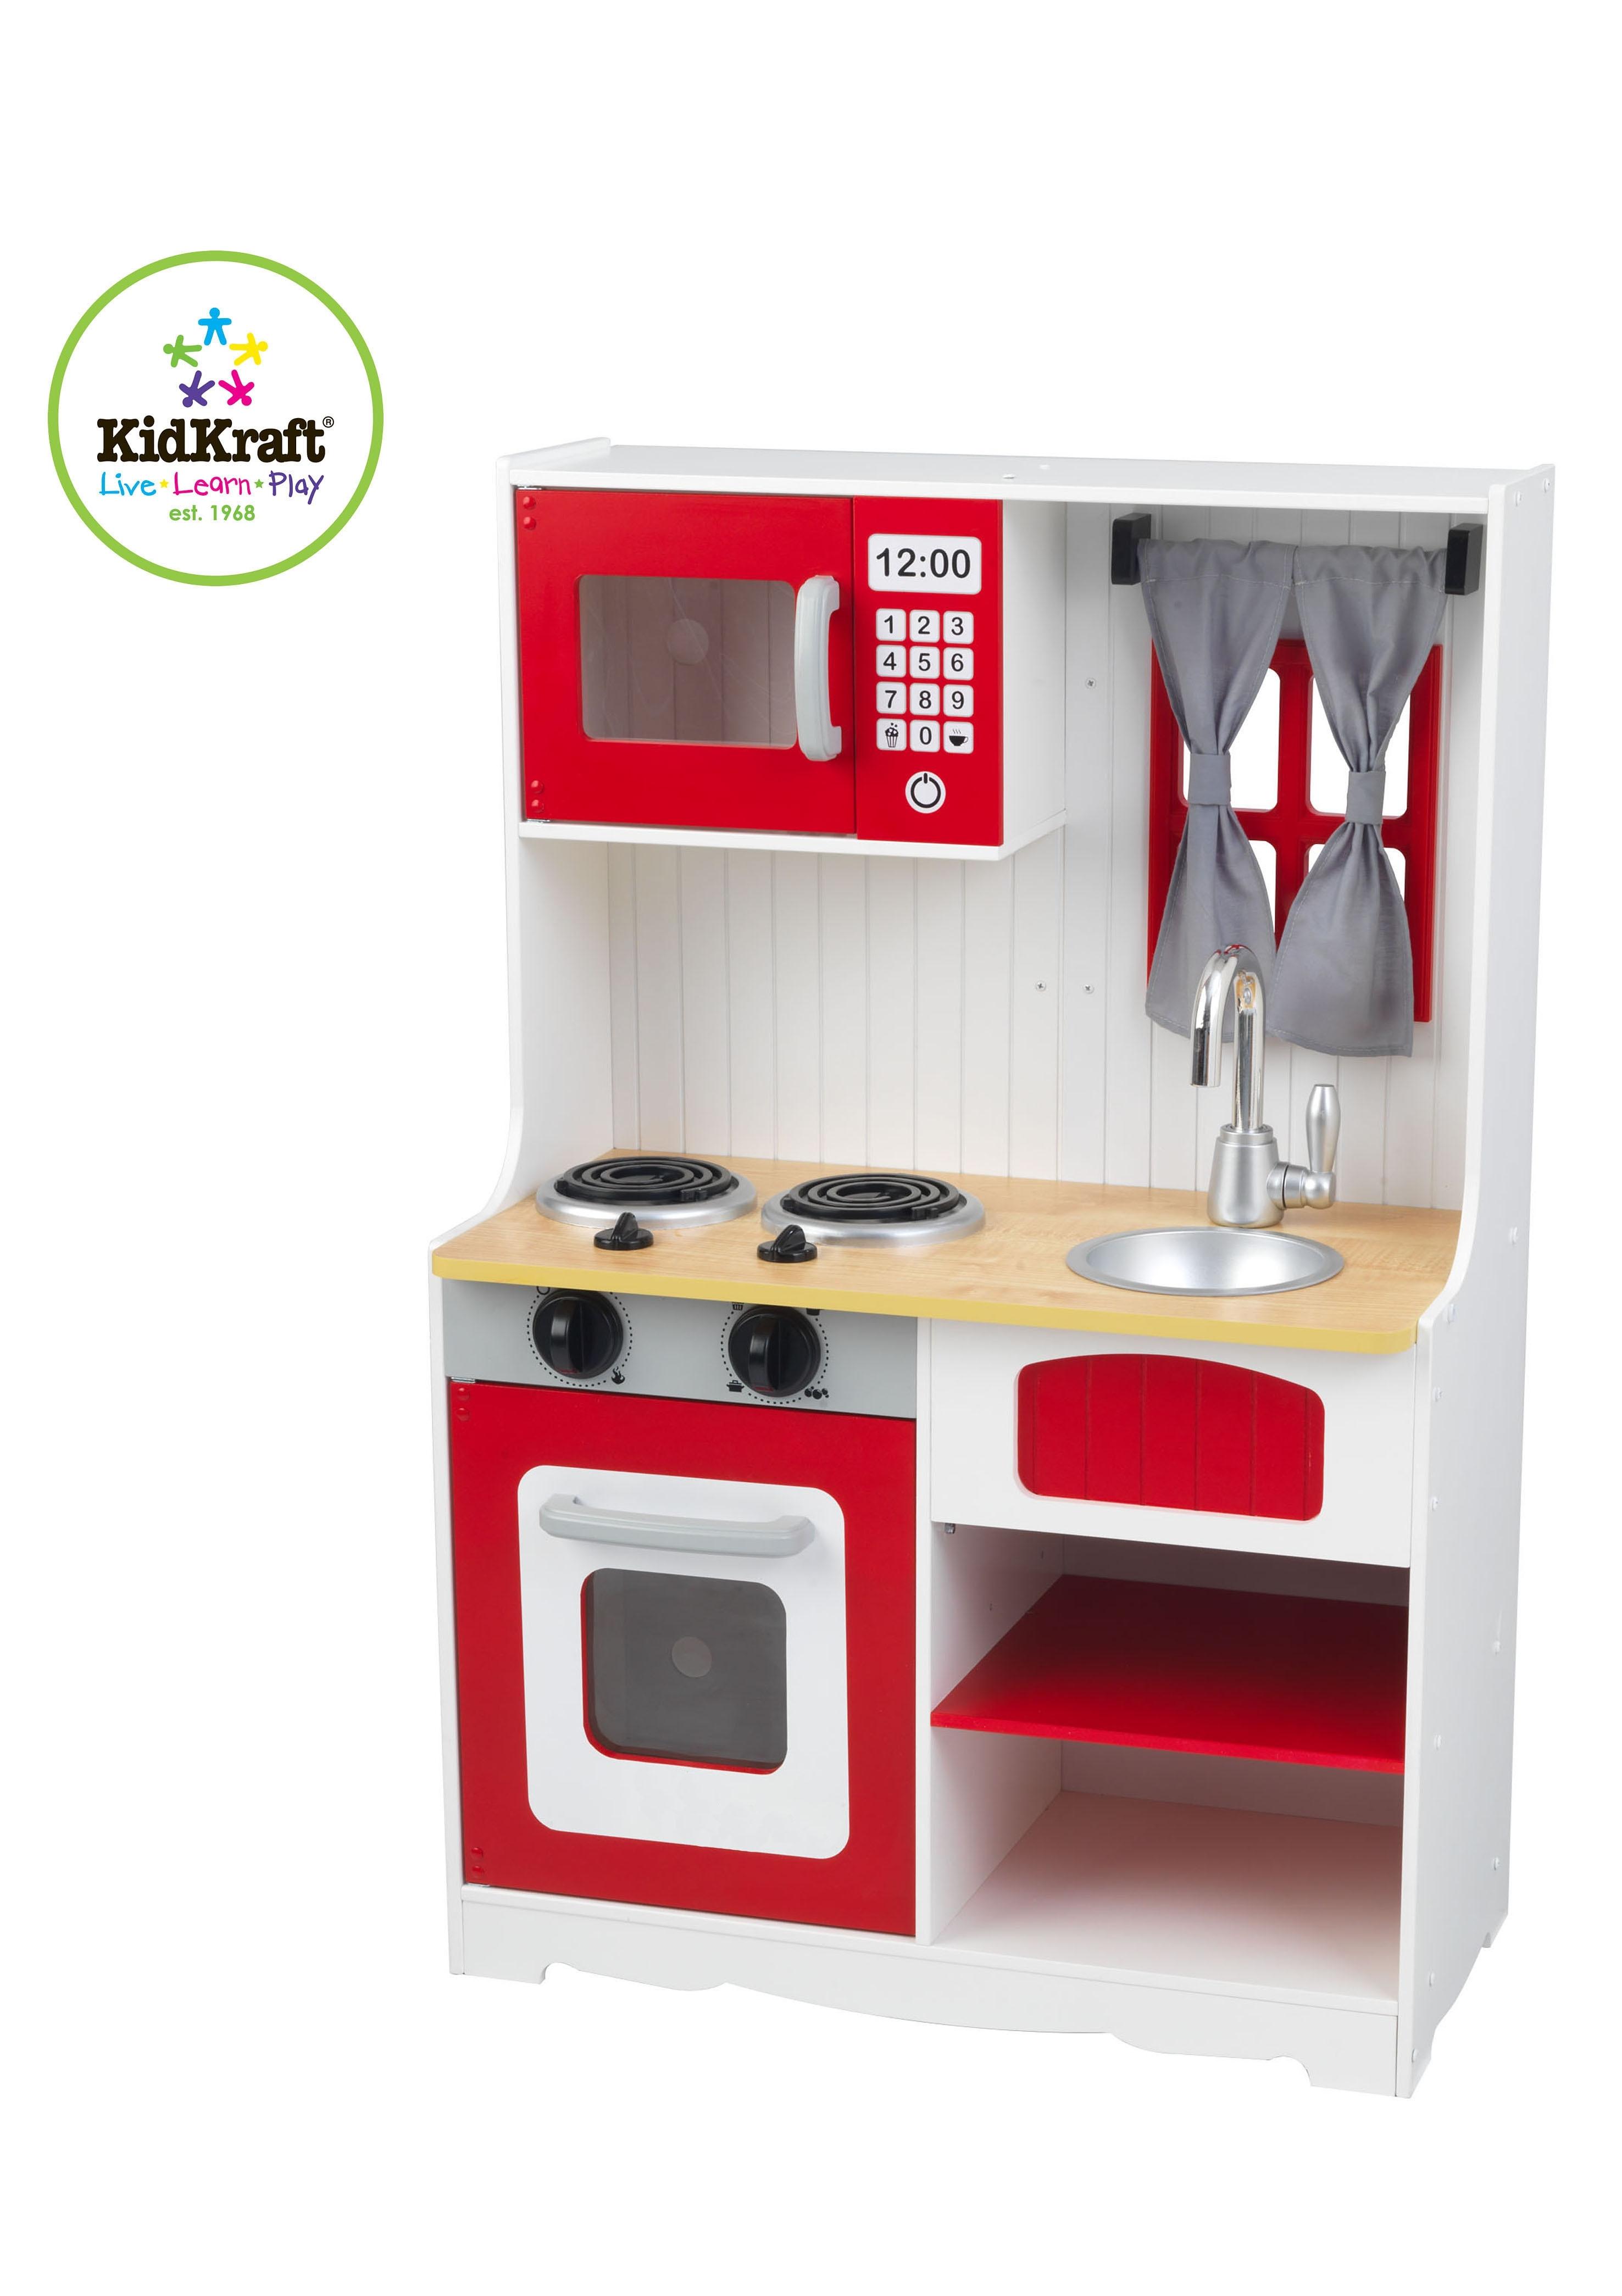 Kidkraft ® Speelkeukentje Red Country Kitchen bij OTTO online kopen